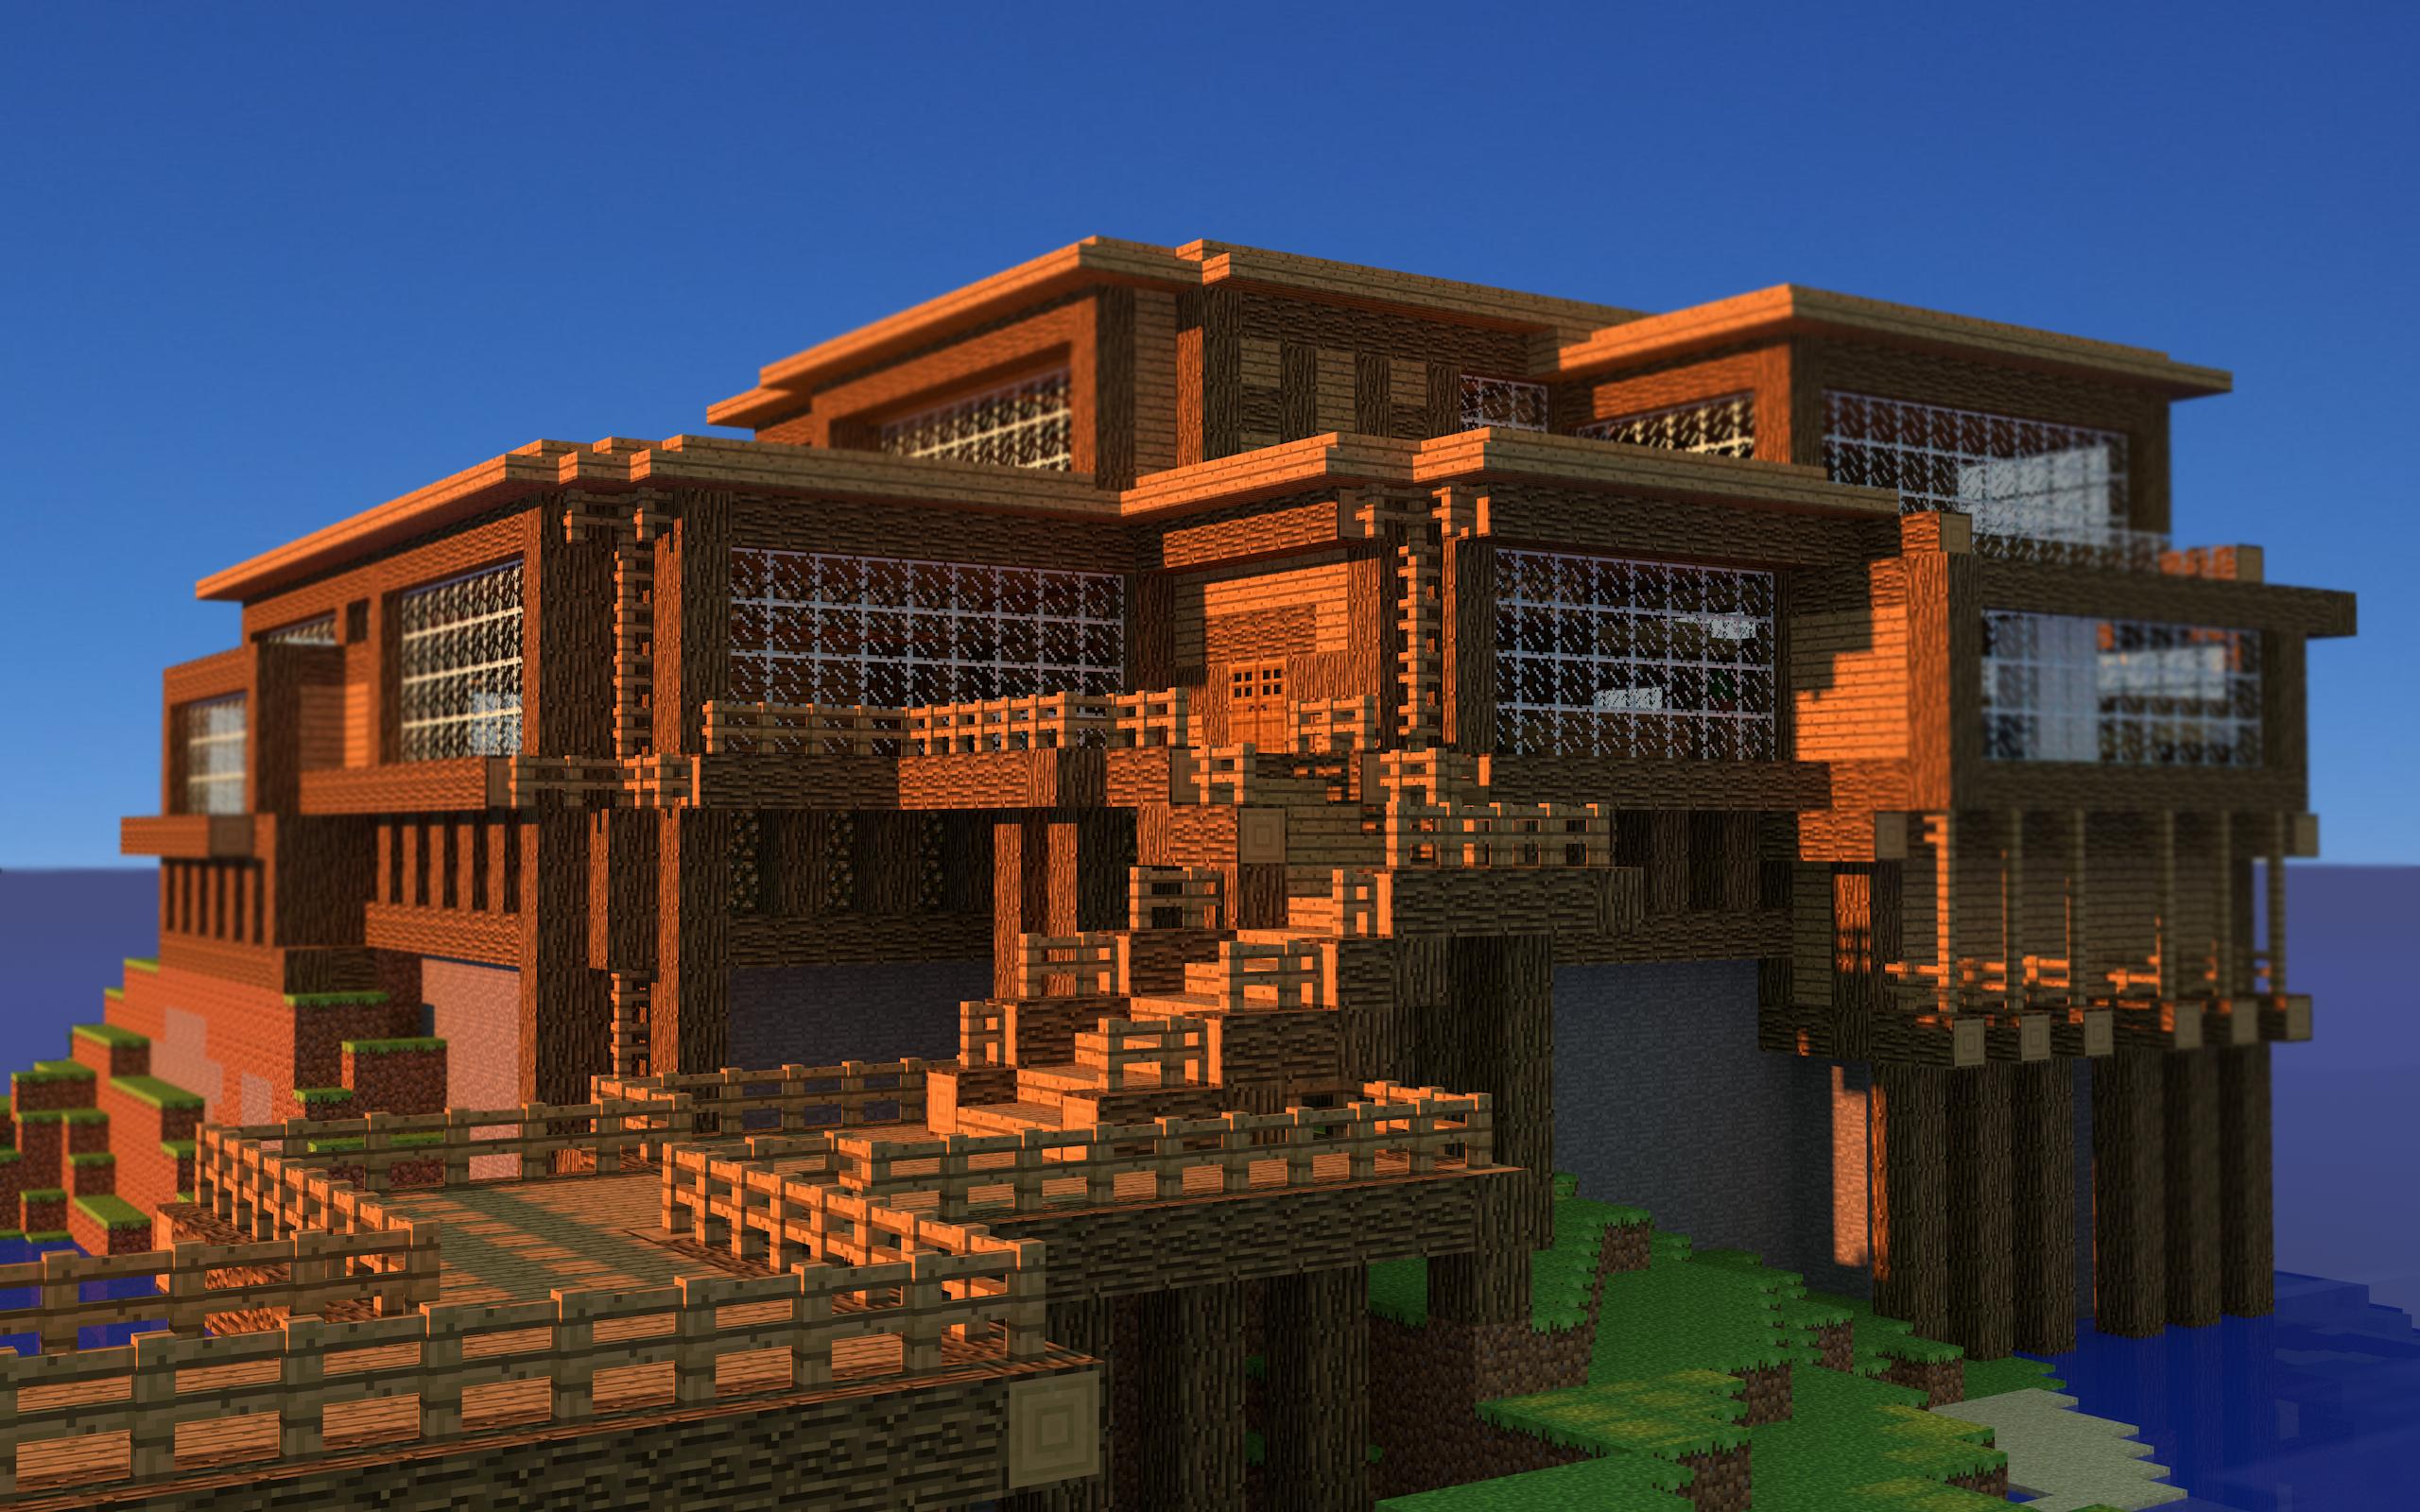 Minecraft Houses Minecraft Beach House Wallpaper Toys - Minecraft hauser einfach bauen